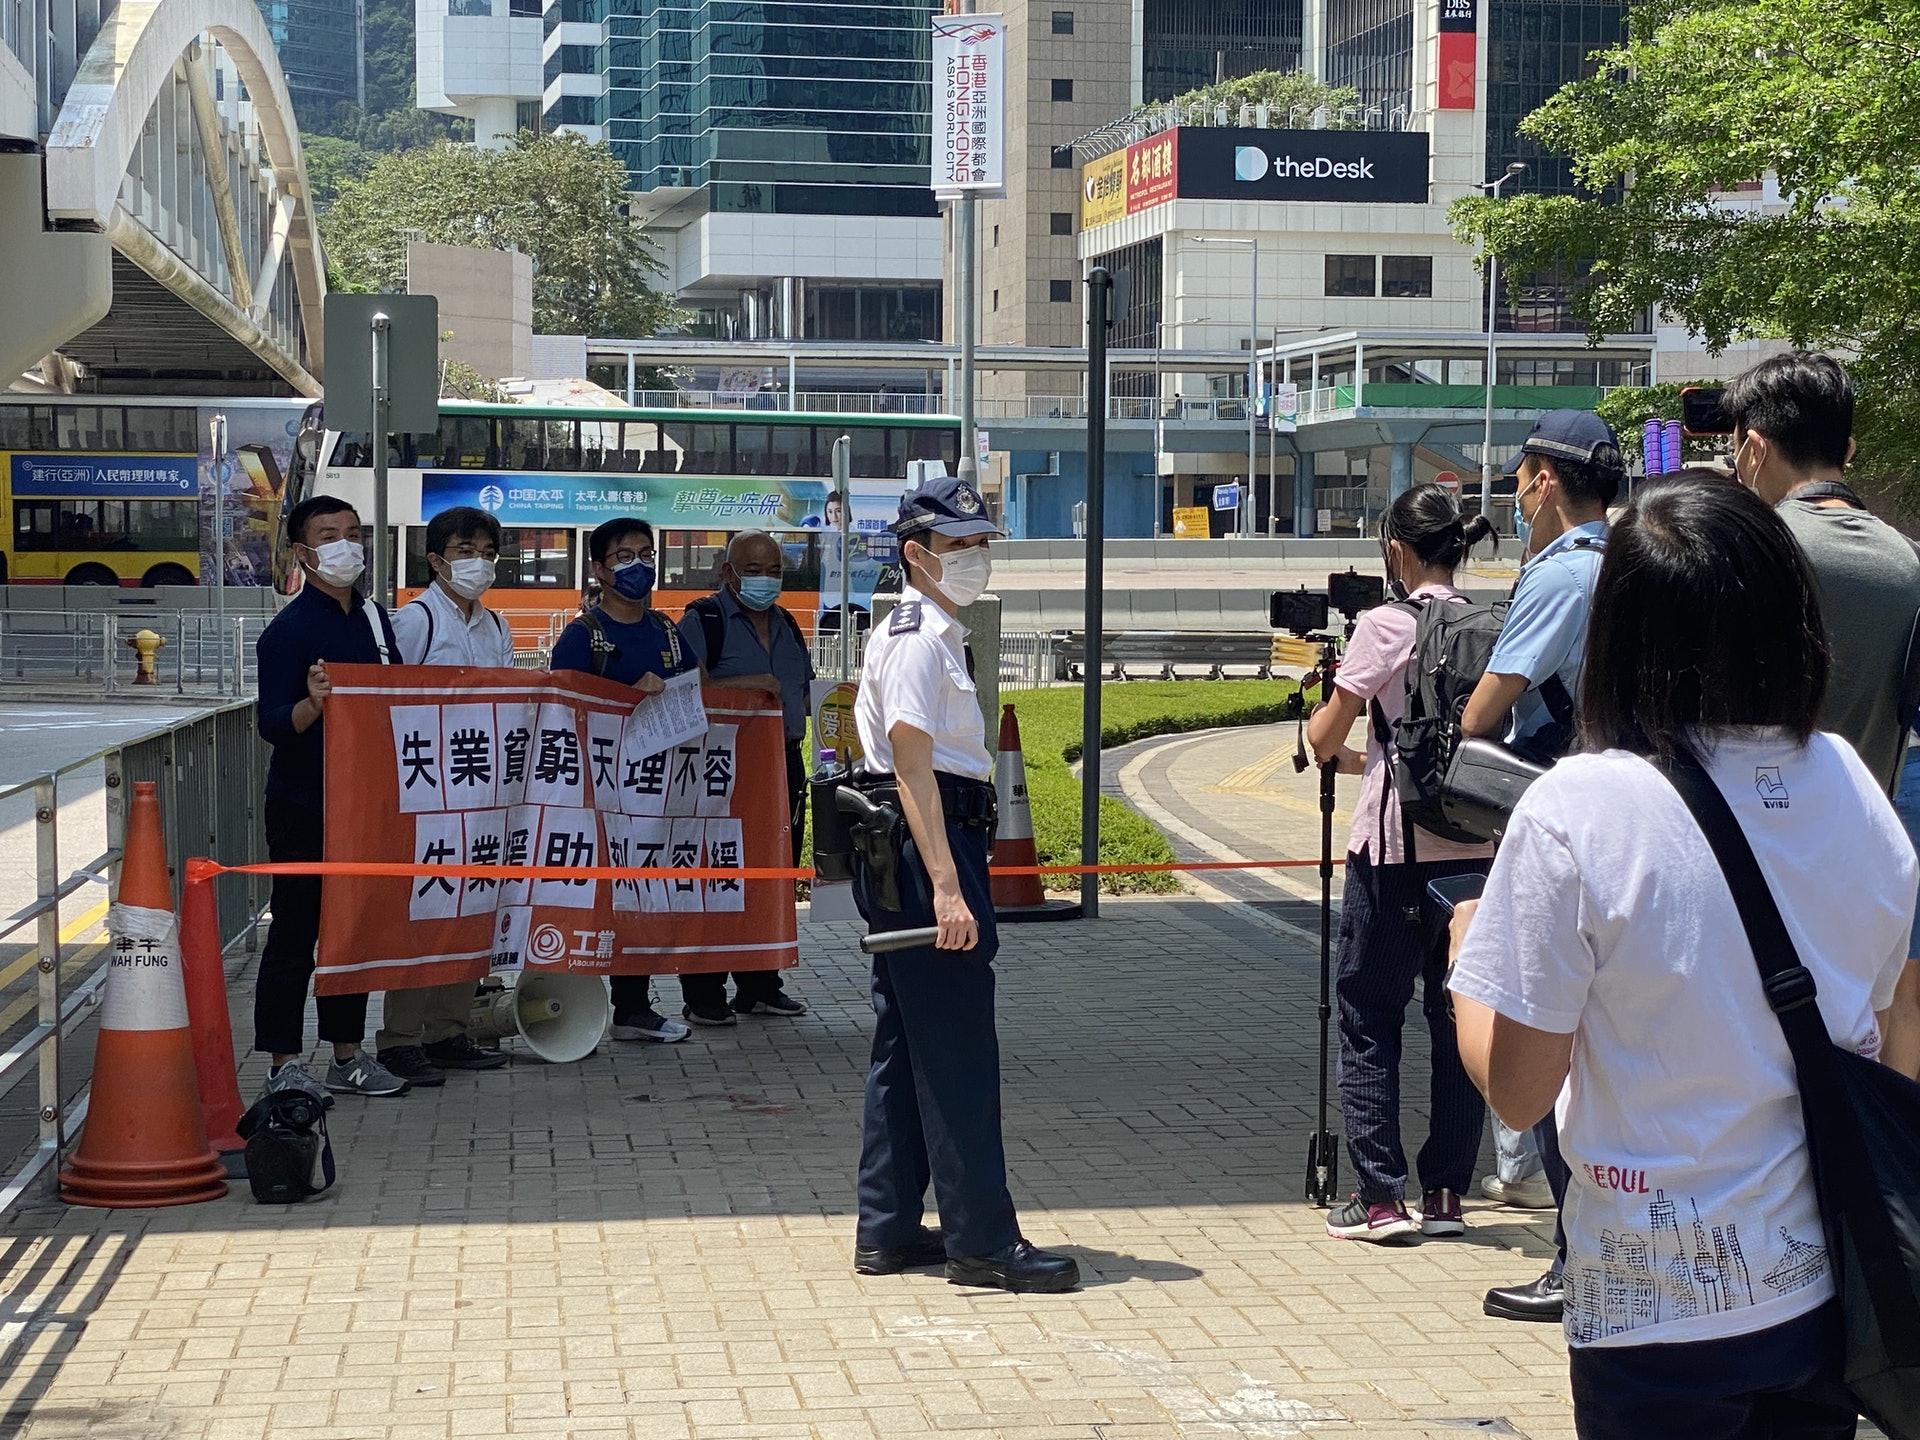 上一批團體未完成抗議,社民連工黨需在相隔約10米位置等候。(鍾妍攝)